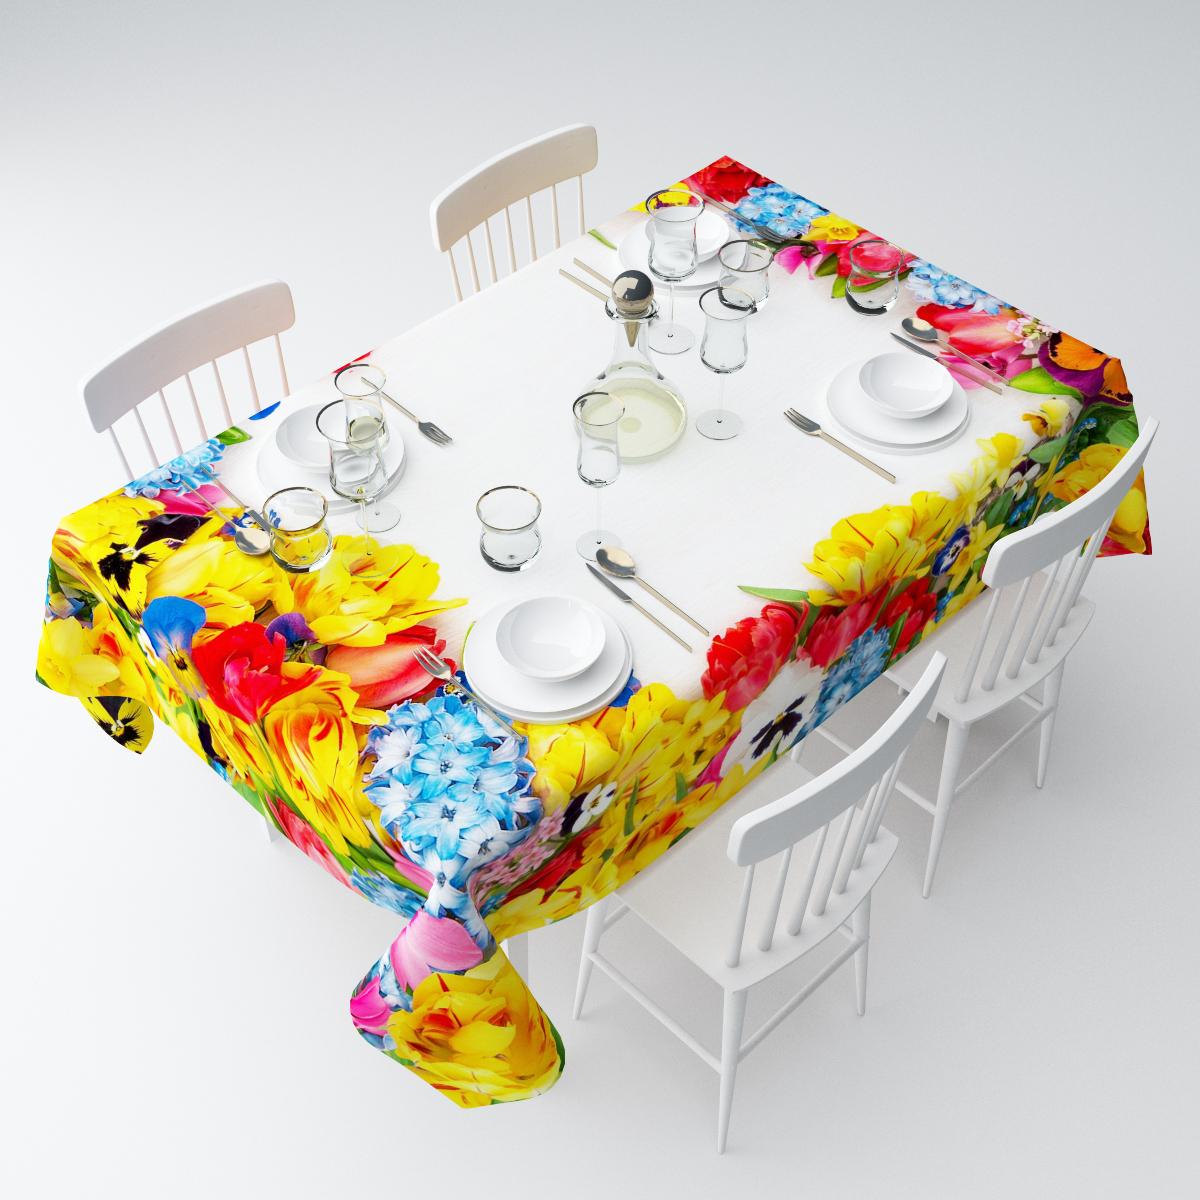 Скатерть Сирень Яркие бутоны цветов, прямоугольная, 145 х 120 смСКГБ003-03454Прямоугольная скатерть Сирень Яркие бутоны цветов, выполненная из габардина с ярким рисунком, преобразит вашу кухню, визуально расширит пространство, создаст атмосферу радости и комфорта. Рекомендации по уходу: стирка при 30 градусах, гладить при температуре до 110 градусов.Размер скатерти: 145 х 120 см. Изображение может немного отличаться от реального.